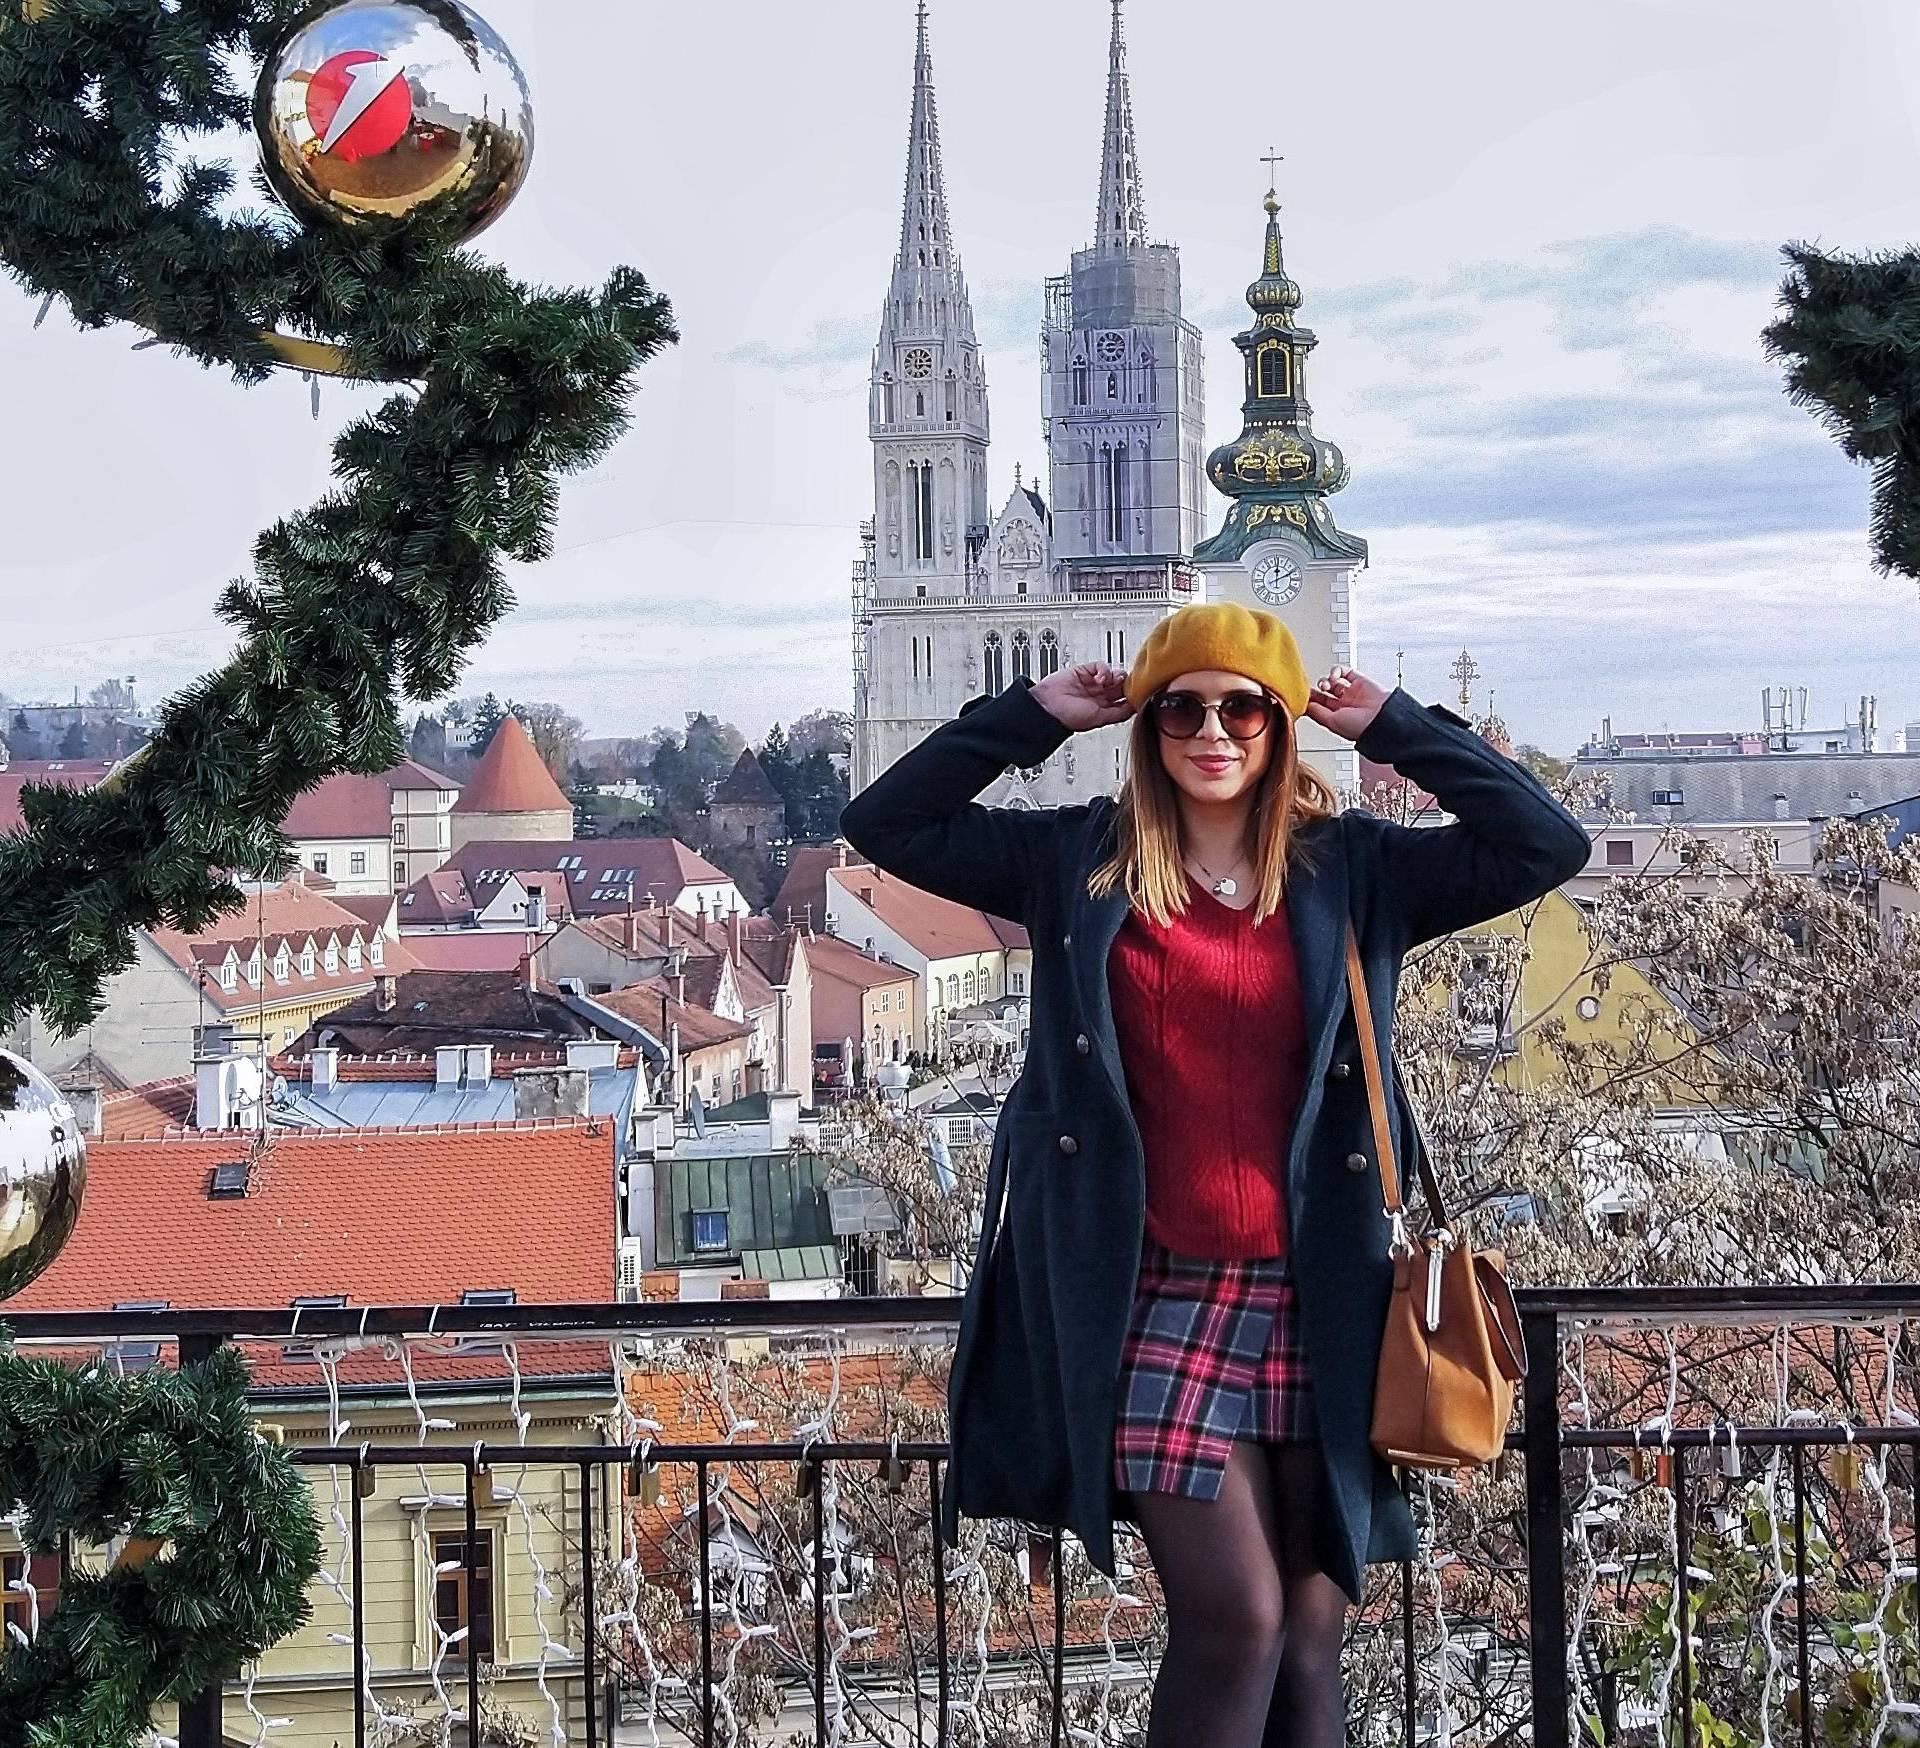 Obišla sam Advent u Zagrebu i našla najfotogeničnija mjesta!